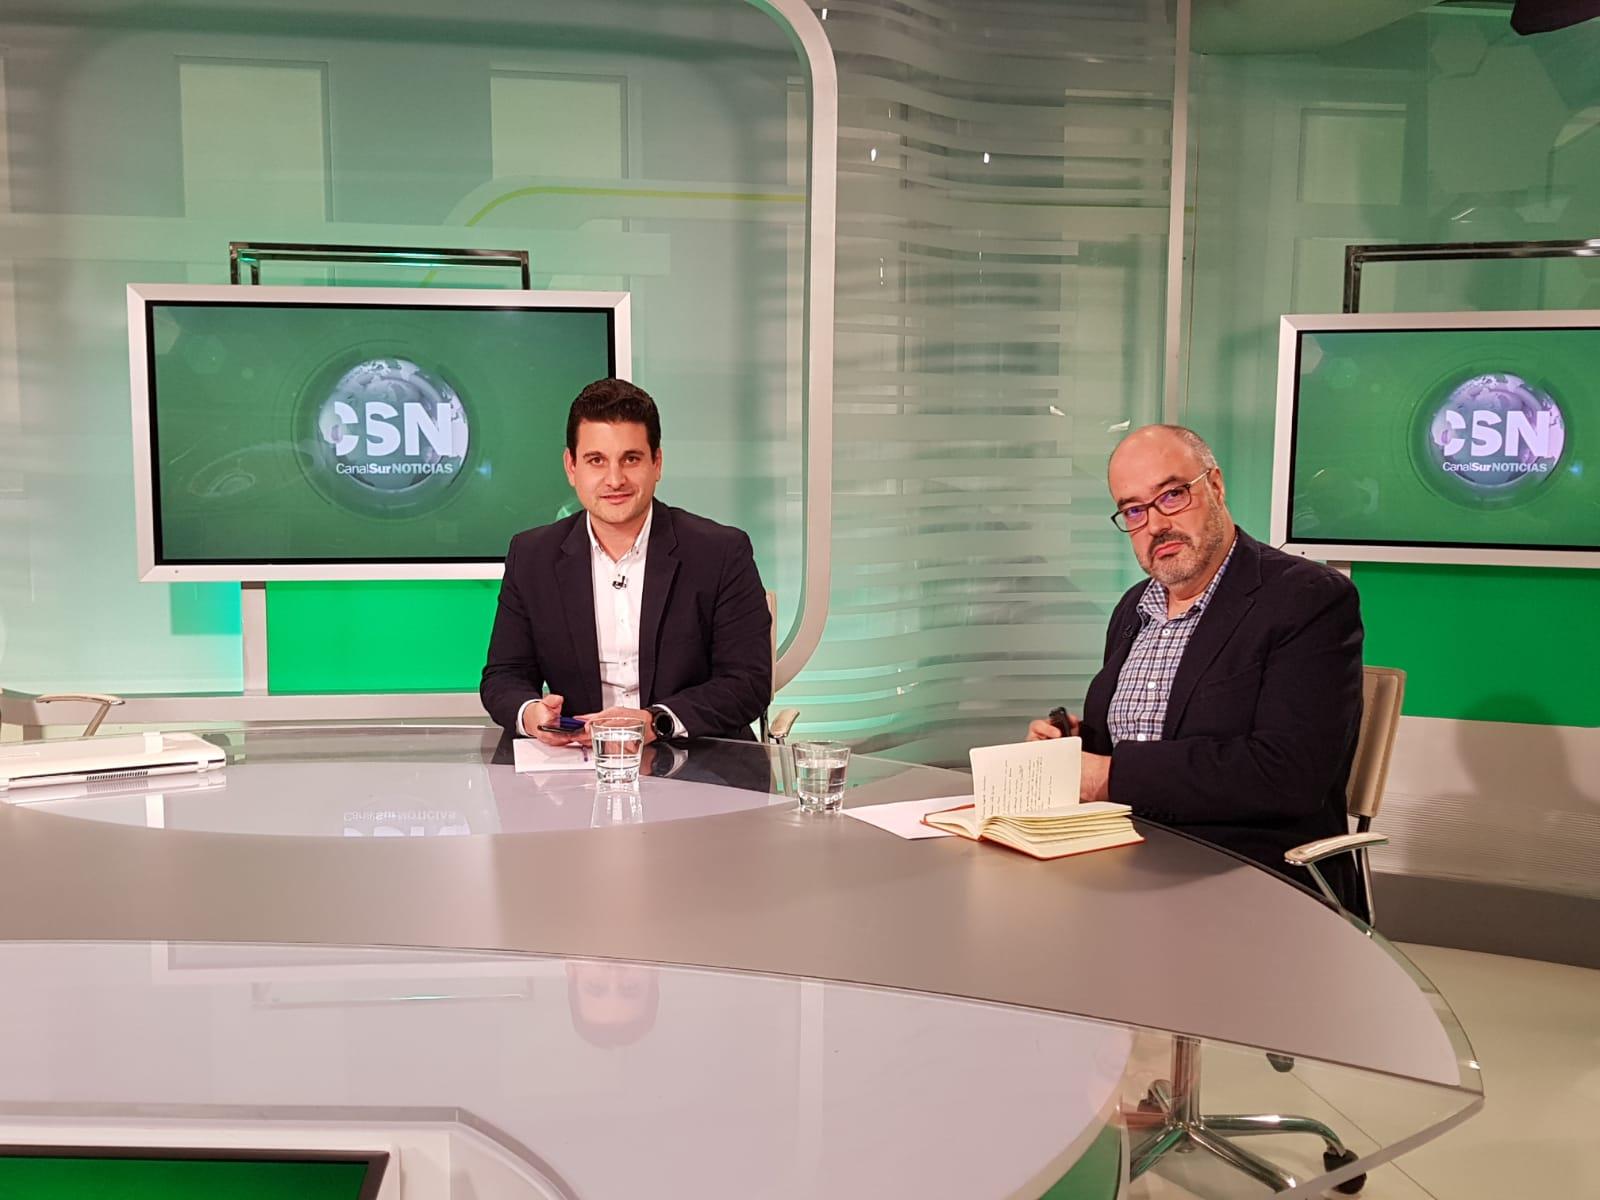 Ramón Alberca, Analista de Datos y Agustín Madariaga, Científico de Datos, esta tarde an Andalucía al Día, de Canal Sur TV.